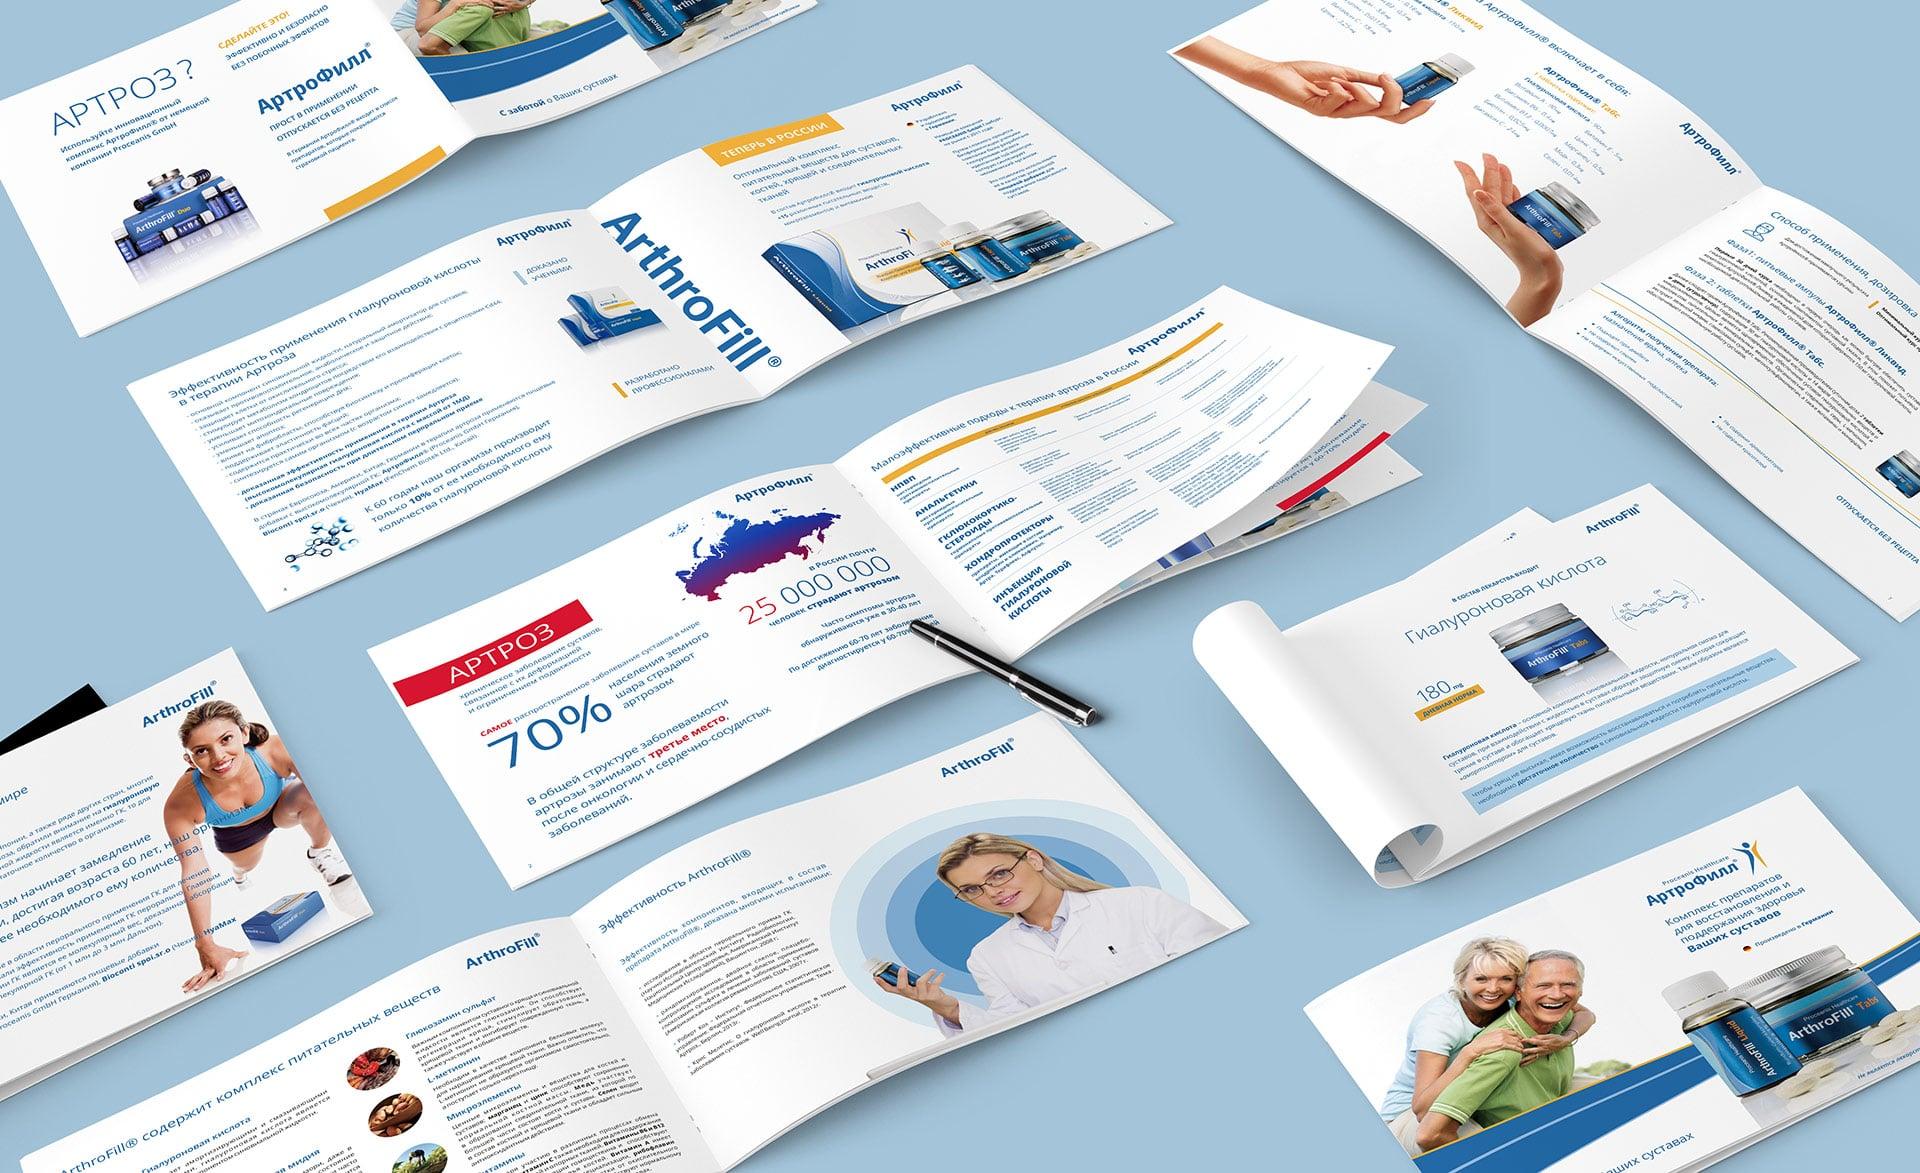 дизайн презентации для медицинского препарата